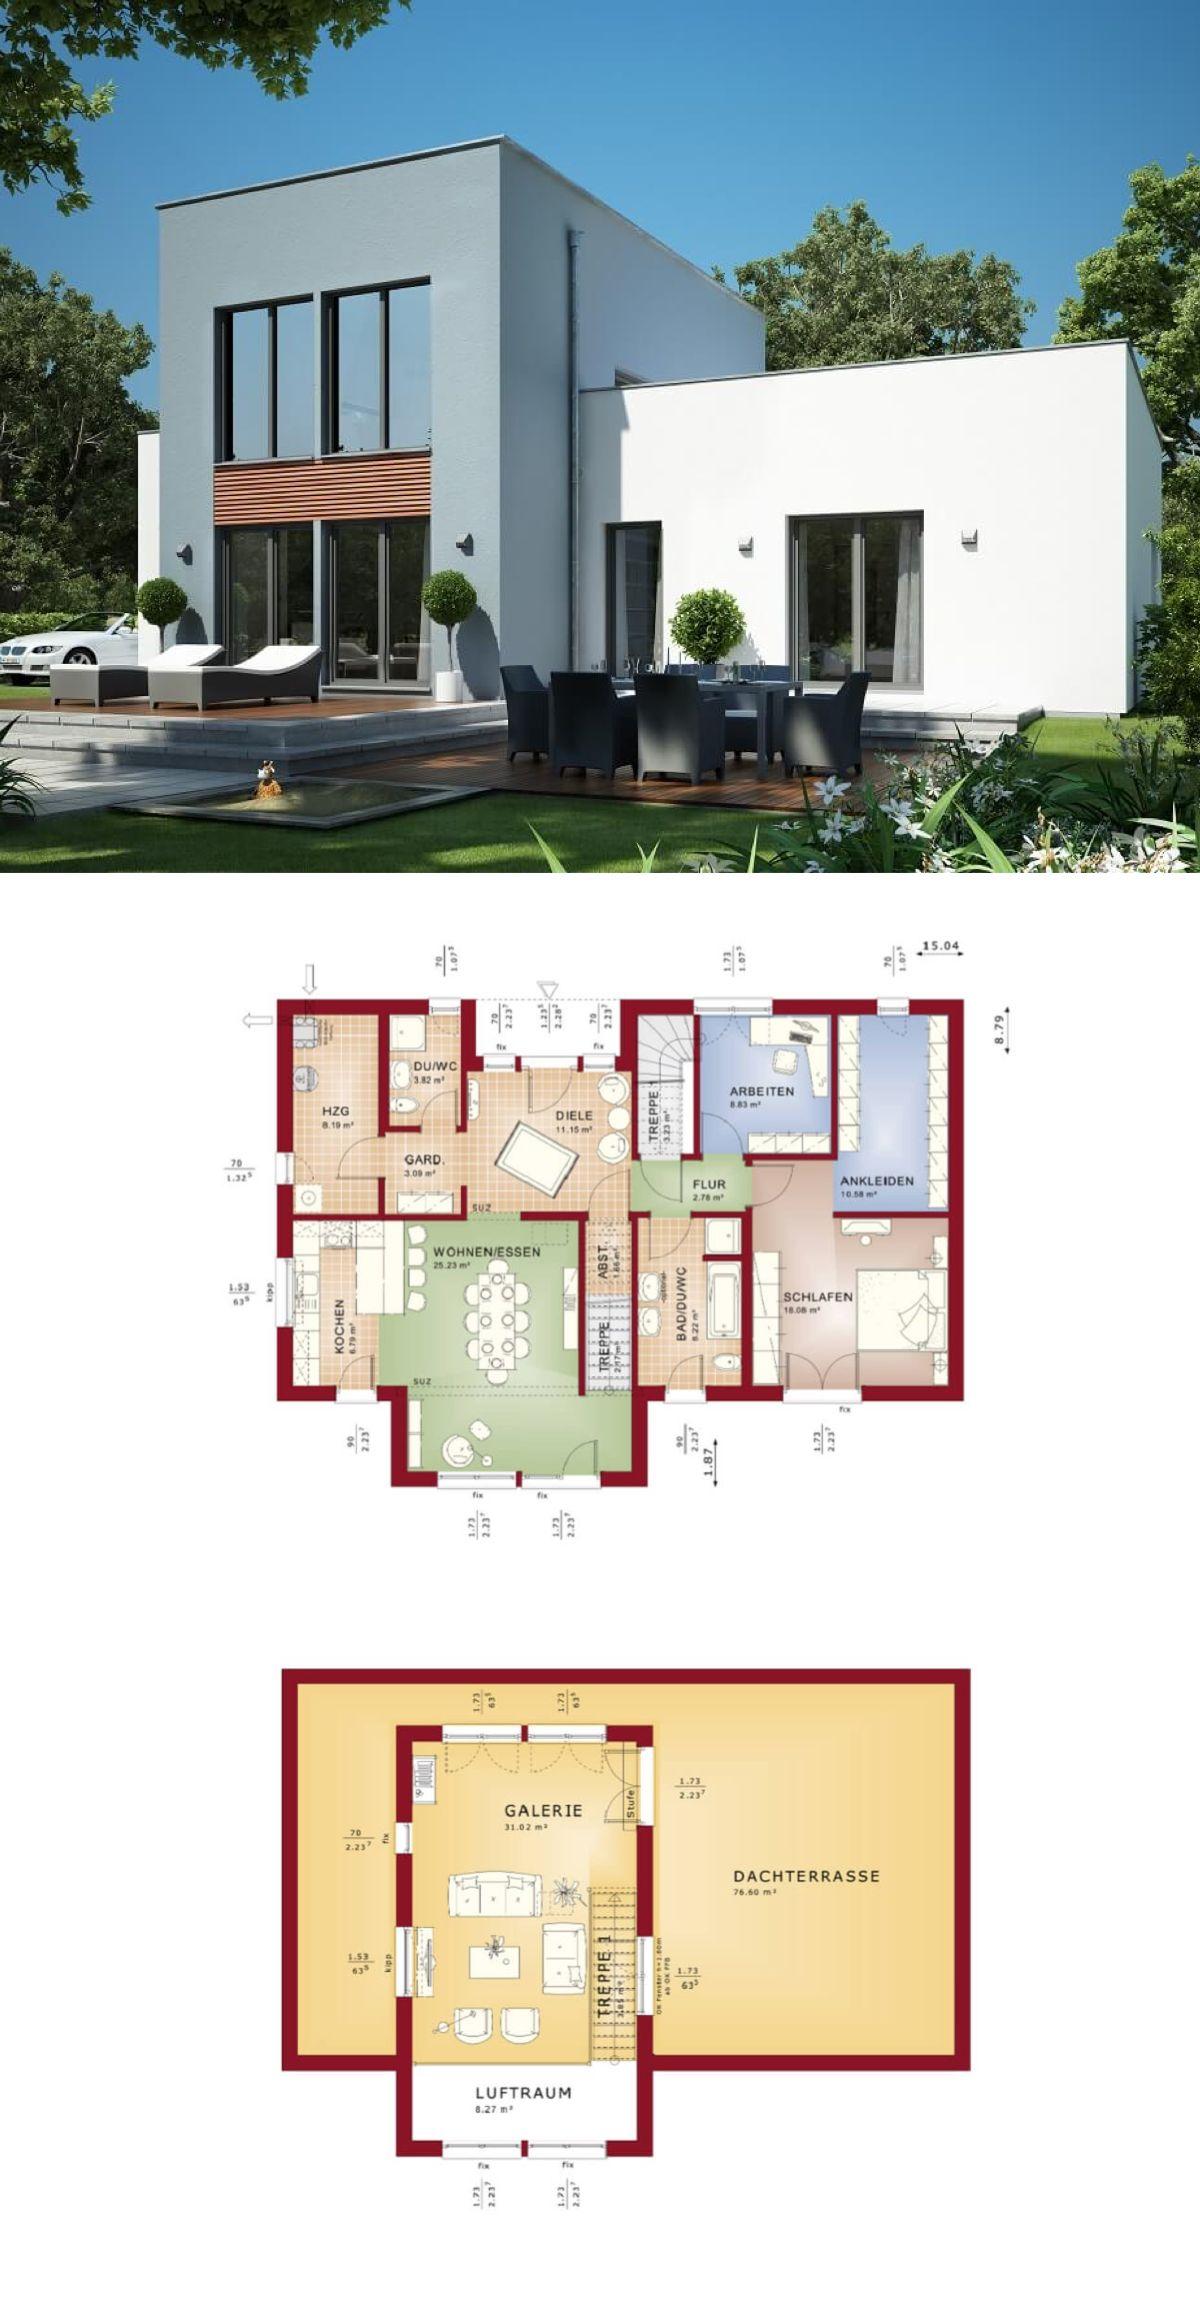 Modernes holzhaus flachdach  Modernes EINFAMILIENHAUS Bauhausstil | Haus Evolution 111 V5 Bien ...